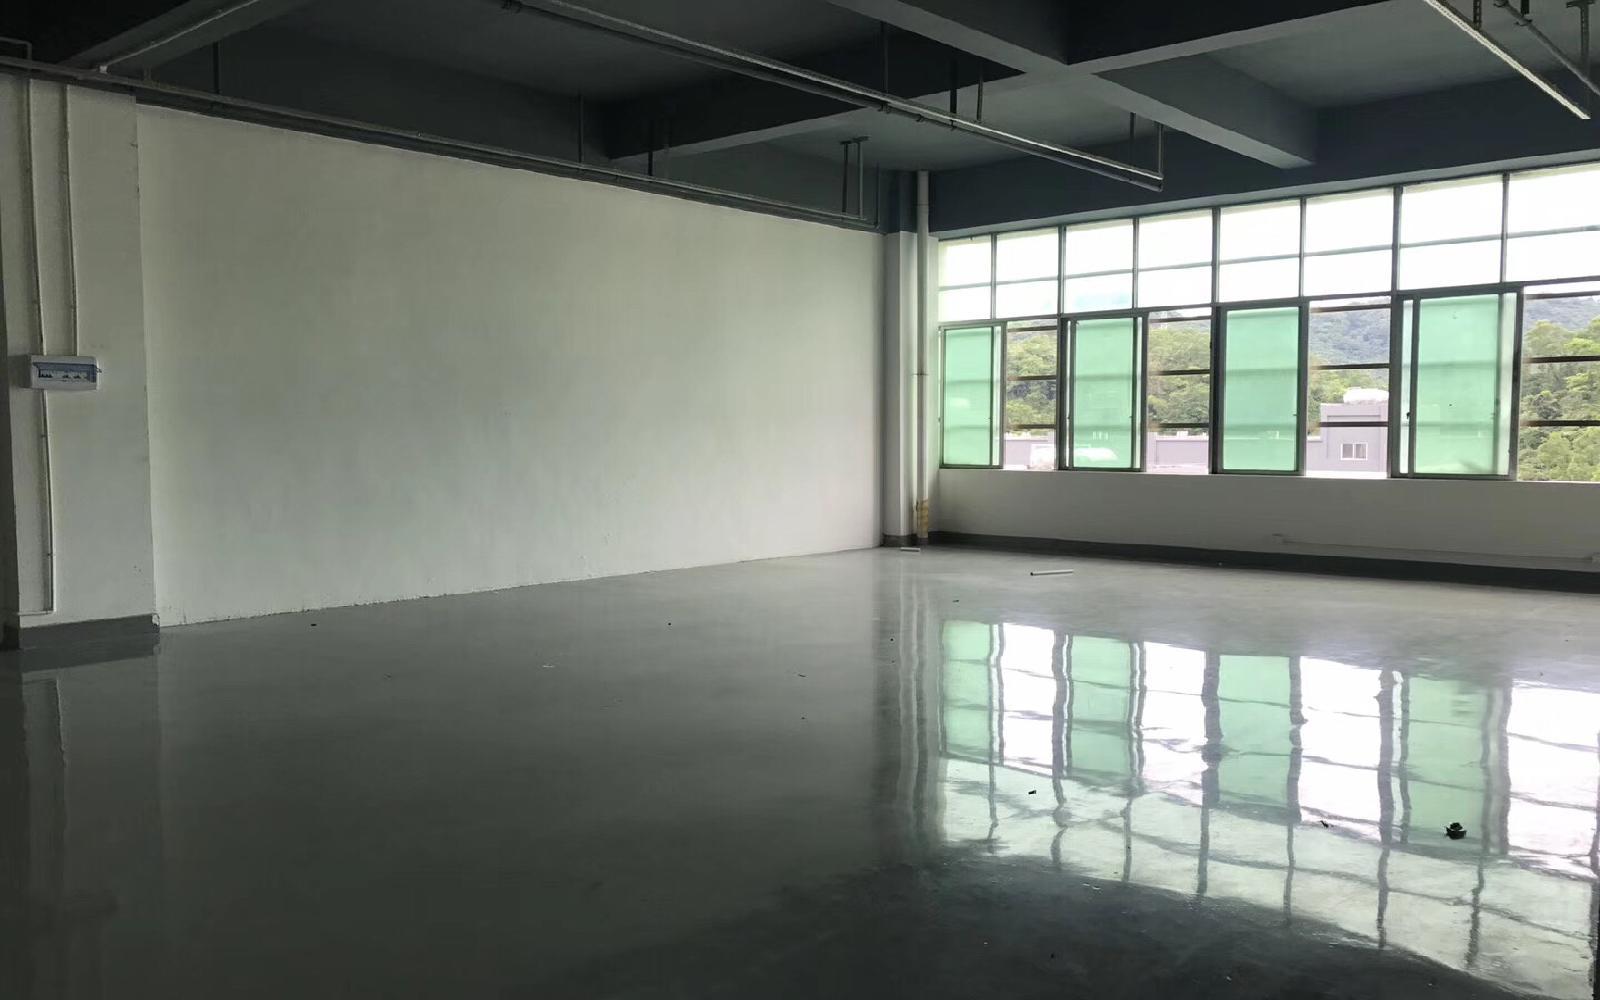 龙岗-坂田 龙景科技园 206m²